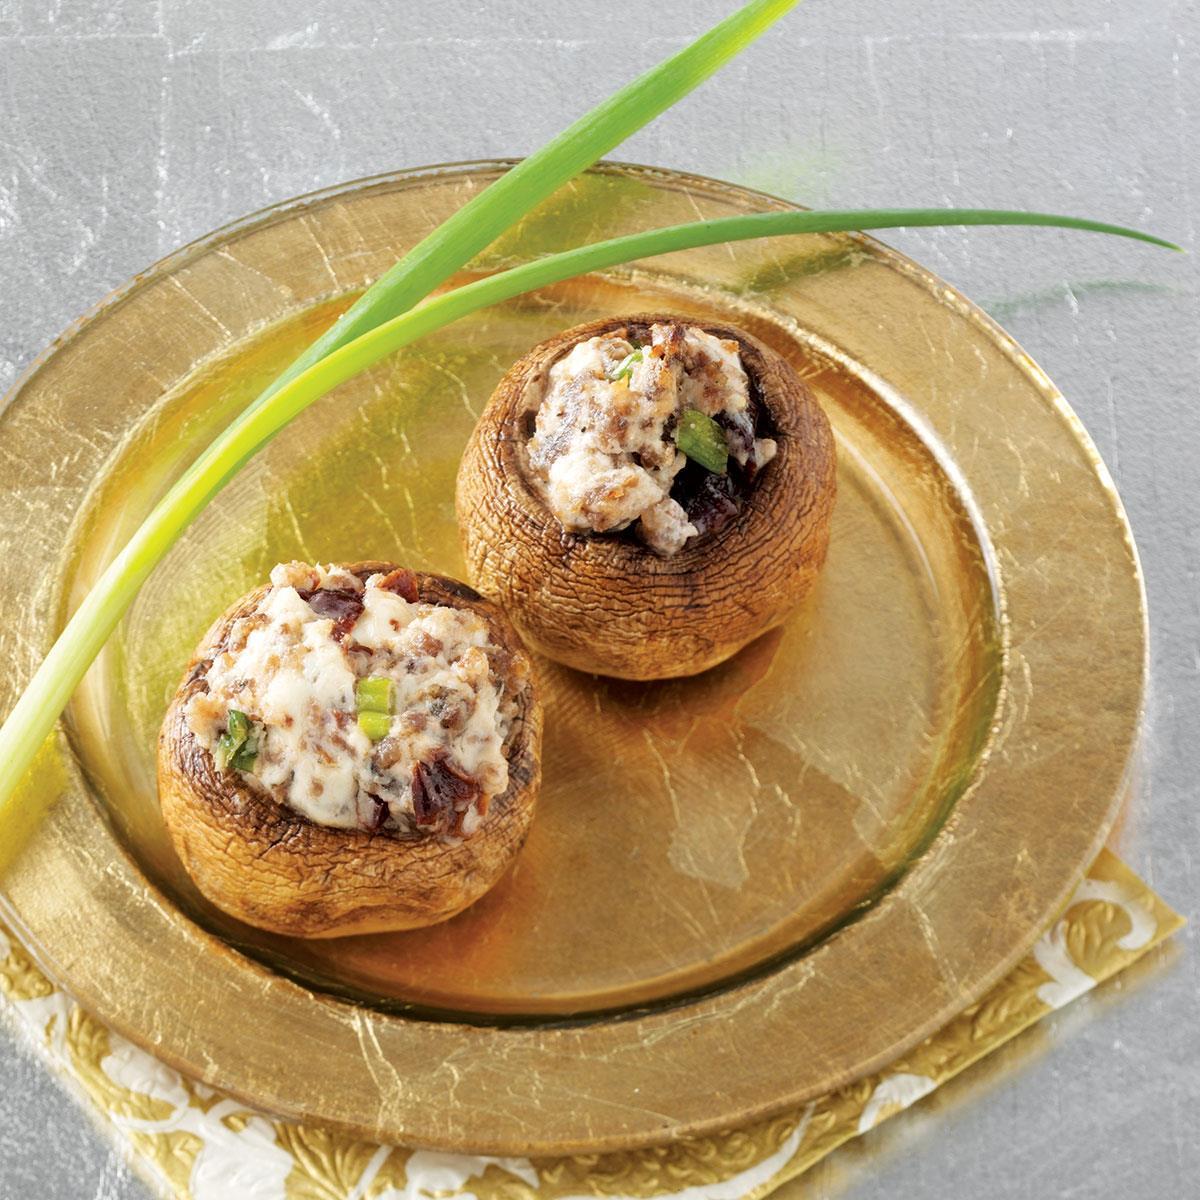 Sensational Stuffed Mushrooms Recipe | Taste of Home